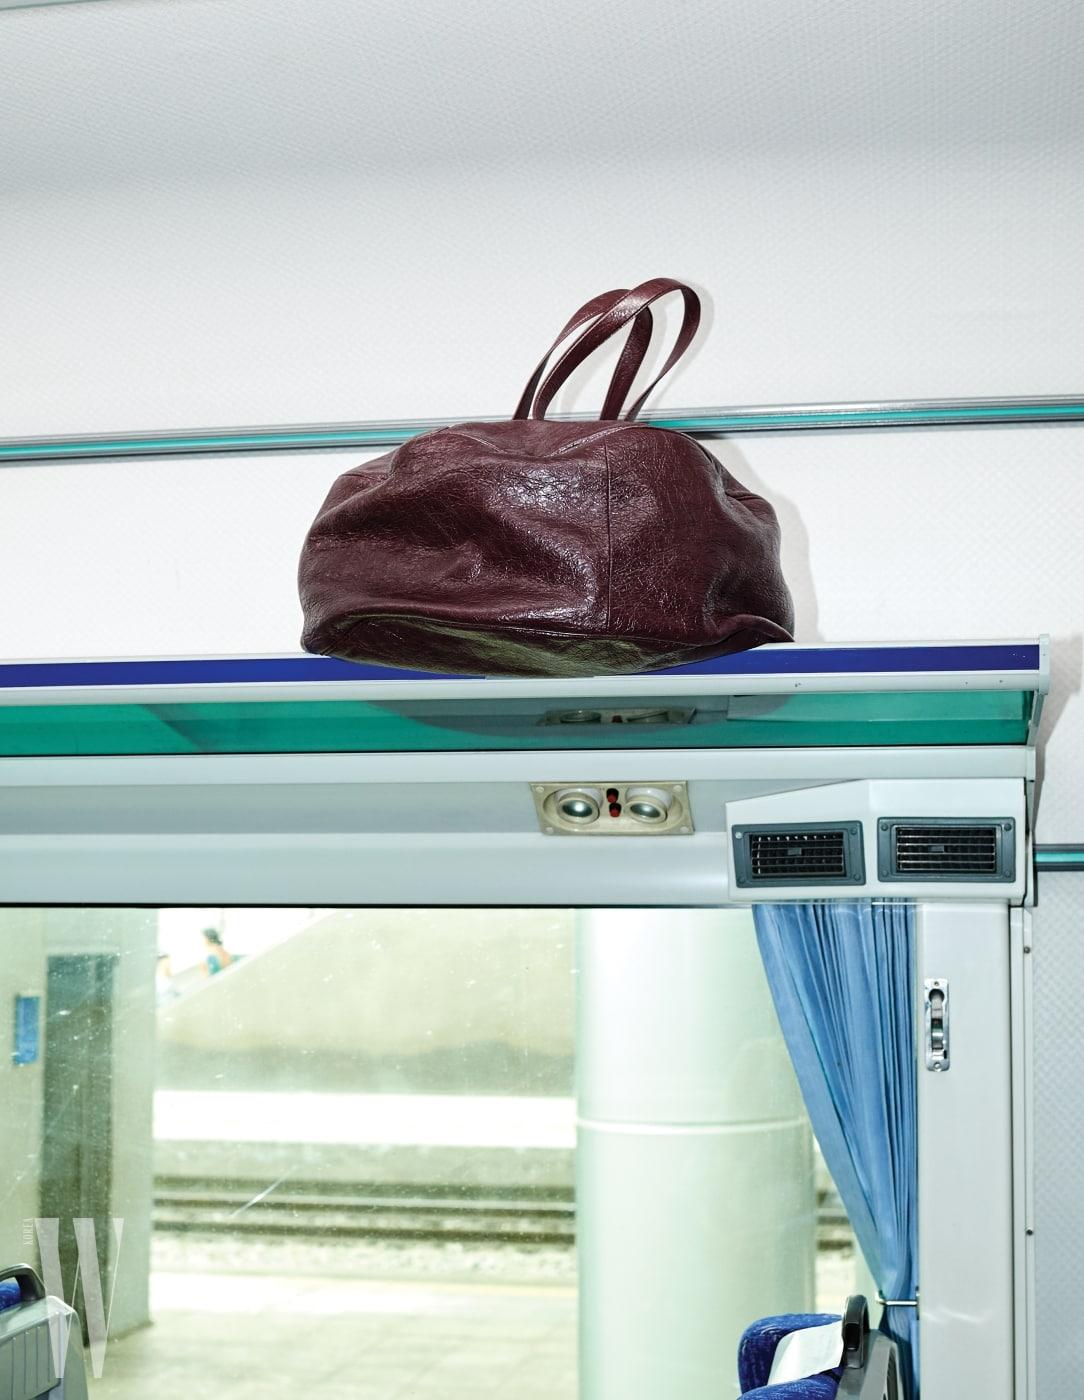 2. 짐칸에 올려놓은 큼직한 에어 호보백은 발렌시아가 제품. 가격 미정.